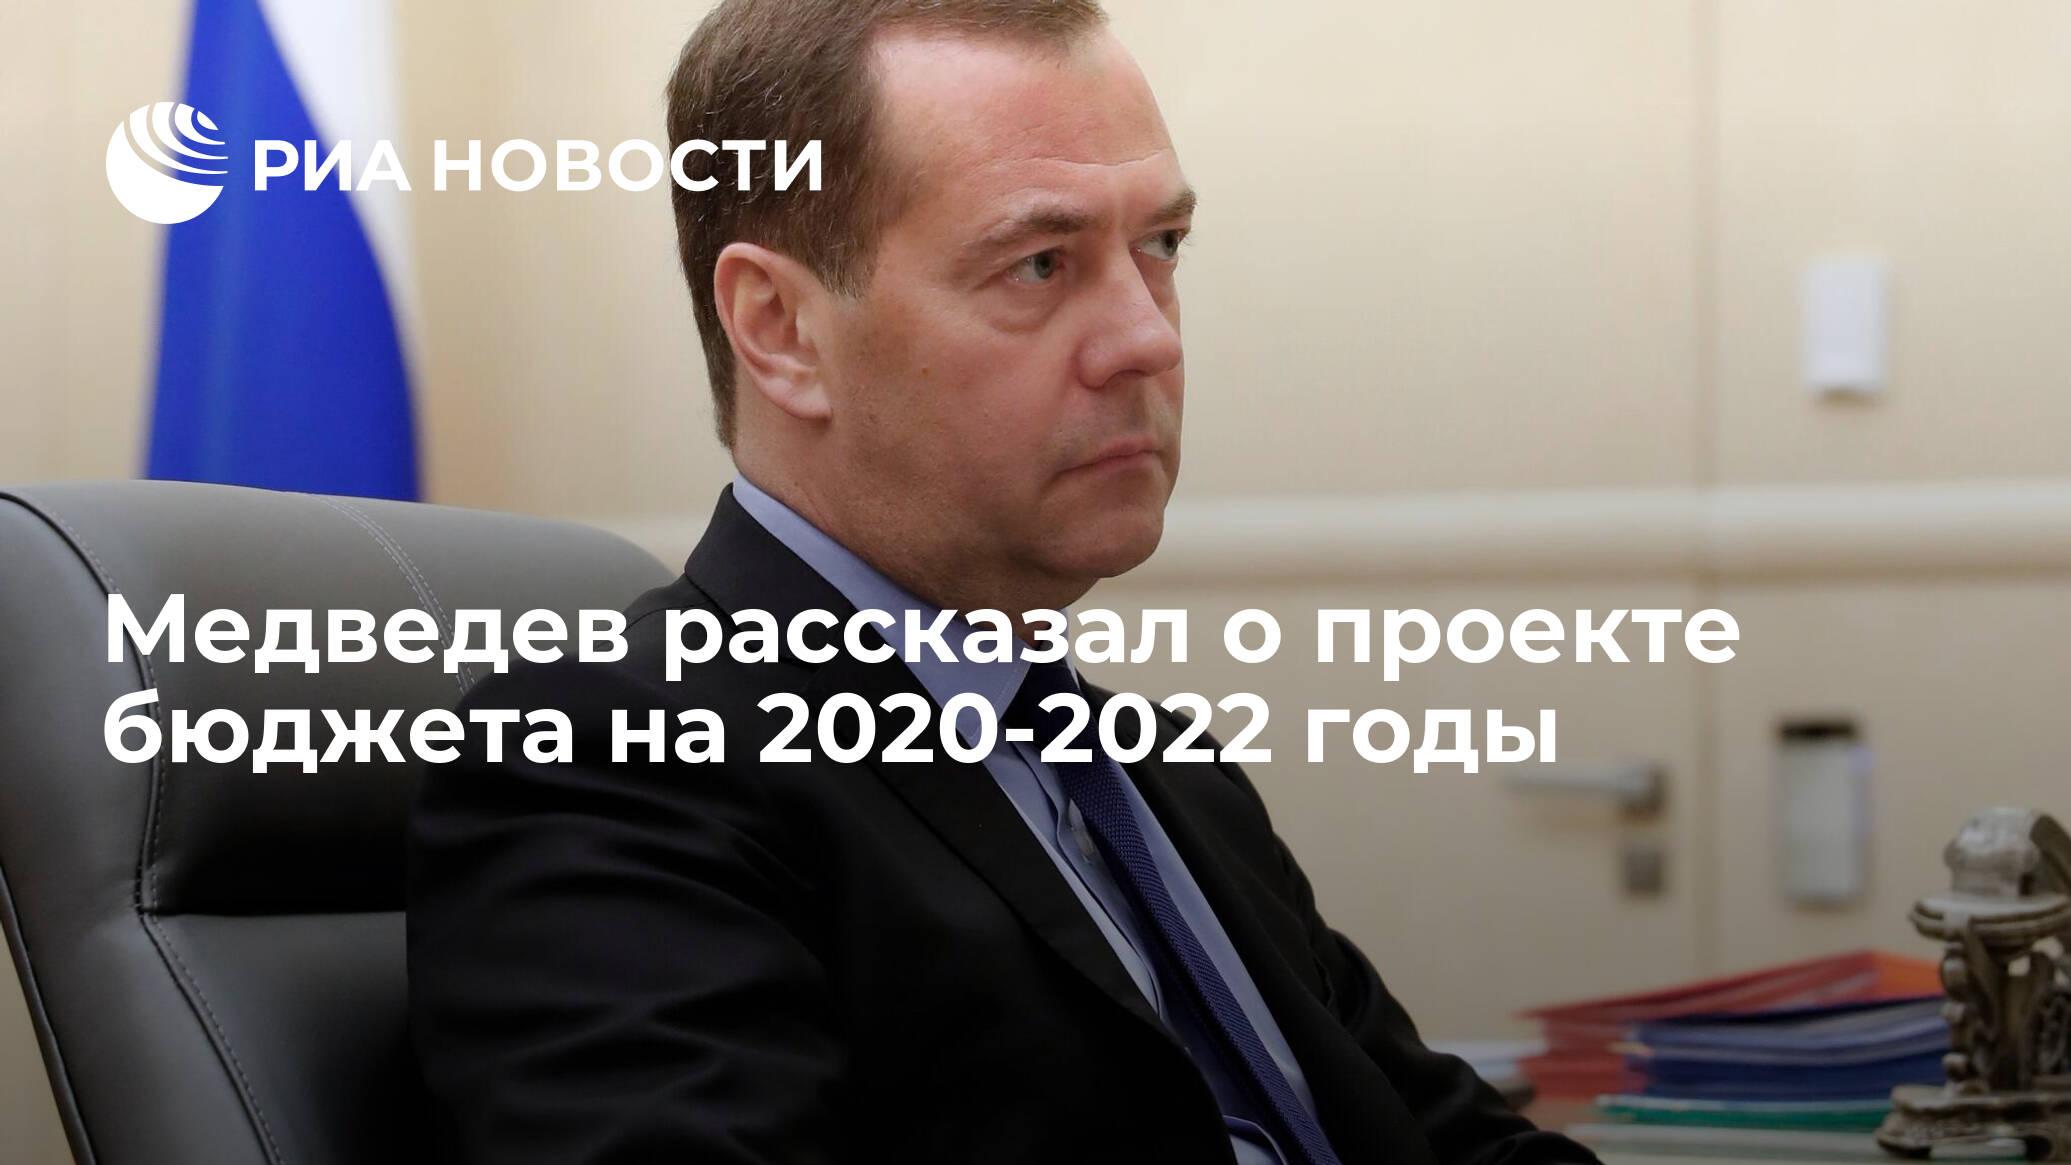 Медведев рассказал о проекте бюджета на 2020-2022 годы